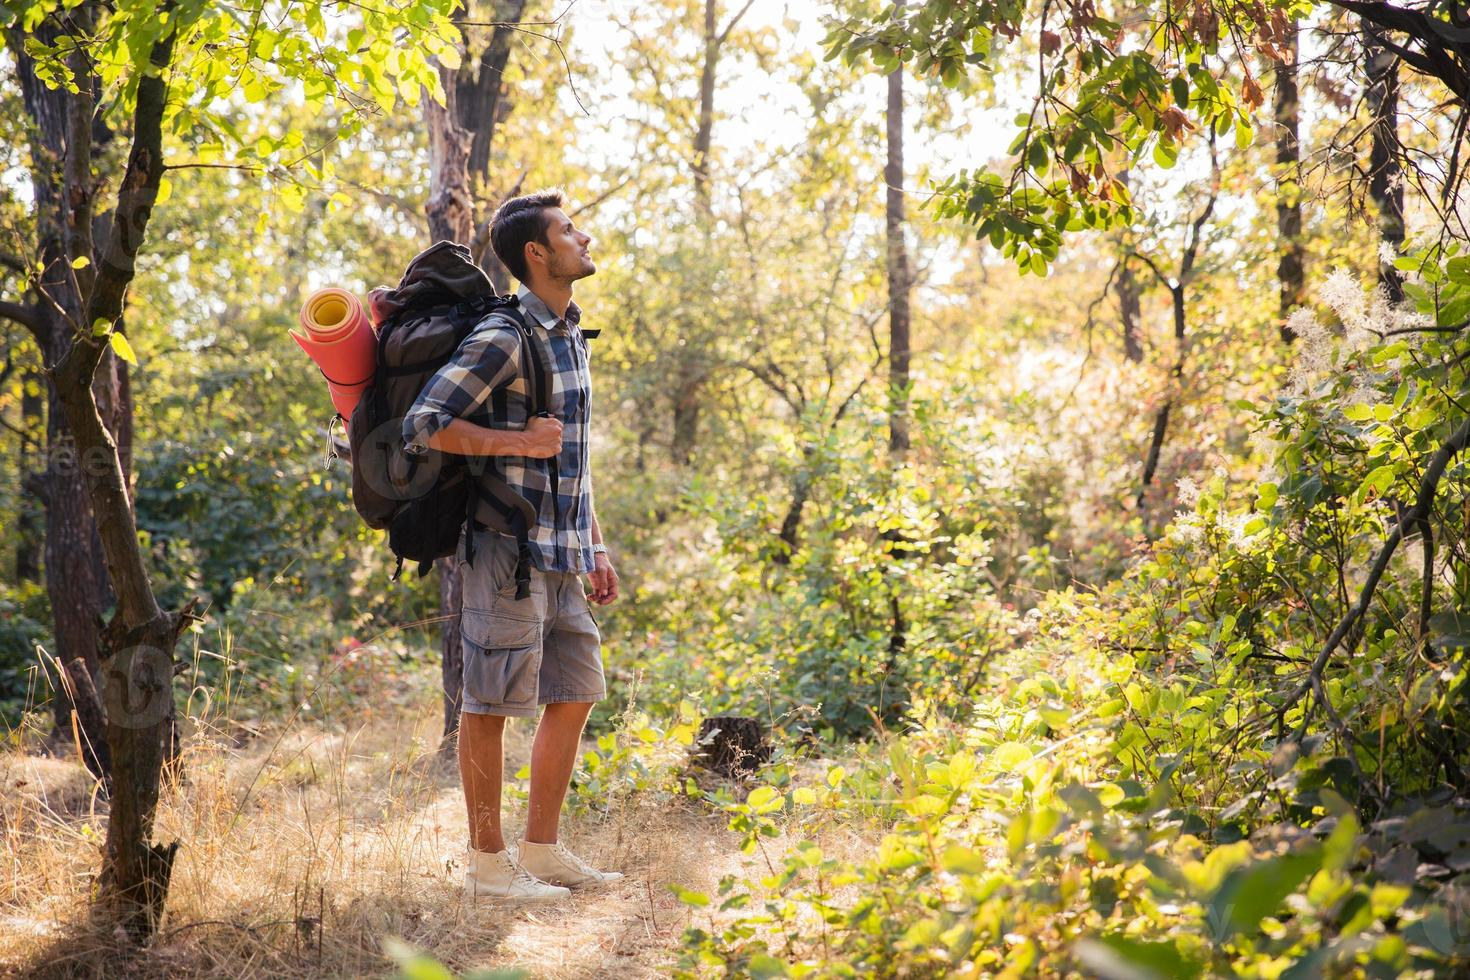 hombre caminante caminando en el bosque foto